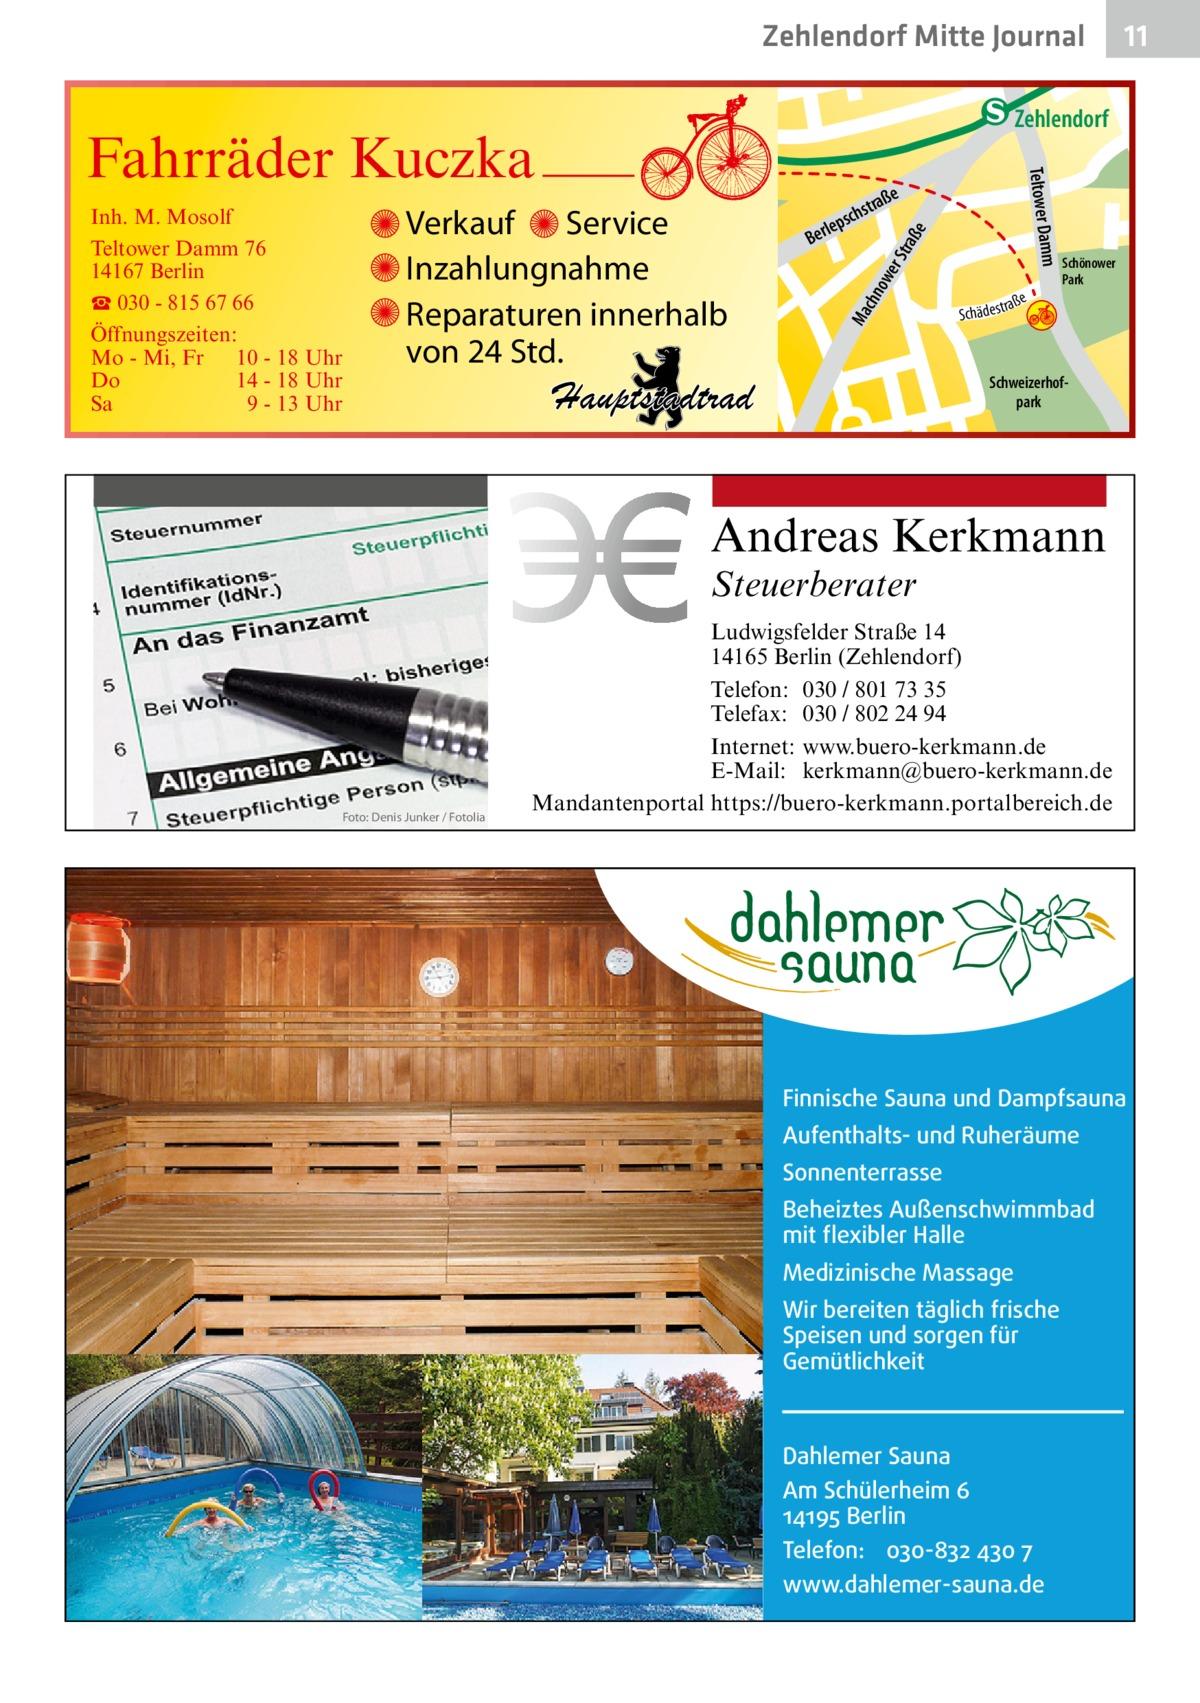 Zehlendorf Mitte Journal  traß e  ow er S chn Ma  str. udstr.  Gertra  Schweizerhofpark  Steuerberater Ludwigsfelder Straße 14 14165 Berlin (Zehlendorf) Telefon: 030 / 801 73 35 Telefax: 030 / 802 24 94 Internet: www.buero-kerkmann.de E-Mail: kerkmann@buero-kerkmann.de Mandantenportal https://buero-kerkmann.portalbereich.de  Finnische Sauna und Dampfsauna Aufenthalts- und Ruheräume Sonnenterrasse Beheiztes Außenschwimmbad mit flexibler Halle Medizinische Massage Wir bereiten täglich frische Speisen und sorgen für Gemütlichkeit  Dahlemer Sauna Am Schülerheim 6 14195 Berlin Telefon: 030-832 430 7 www.dahlemer-sauna.de  r.  ry-St nddje Schönower Park  Andreas Kerkmann  Foto: Denis Junker / Fotolia  hstr. rauc  Hauptstadtrad  Sc  a ße hä d e s t r  Mühlenstr -Ha Prinz  e  traß  schs  lep Ber  mm Teltower Da  Verkauf Service Inzahlungnahme Reparaturen innerhalb von 24 Std.  enStub  Zehlendorf  Fahrräder Kuczka Inh. M. Mosolf Teltower Damm 76 14167 Berlin ☎ 030 - 815 67 66 Öffnungszeiten: Mo - Mi, Fr 10 - 18 Uhr Do 14 - 18 Uhr Sa 9 - 13 Uhr  11